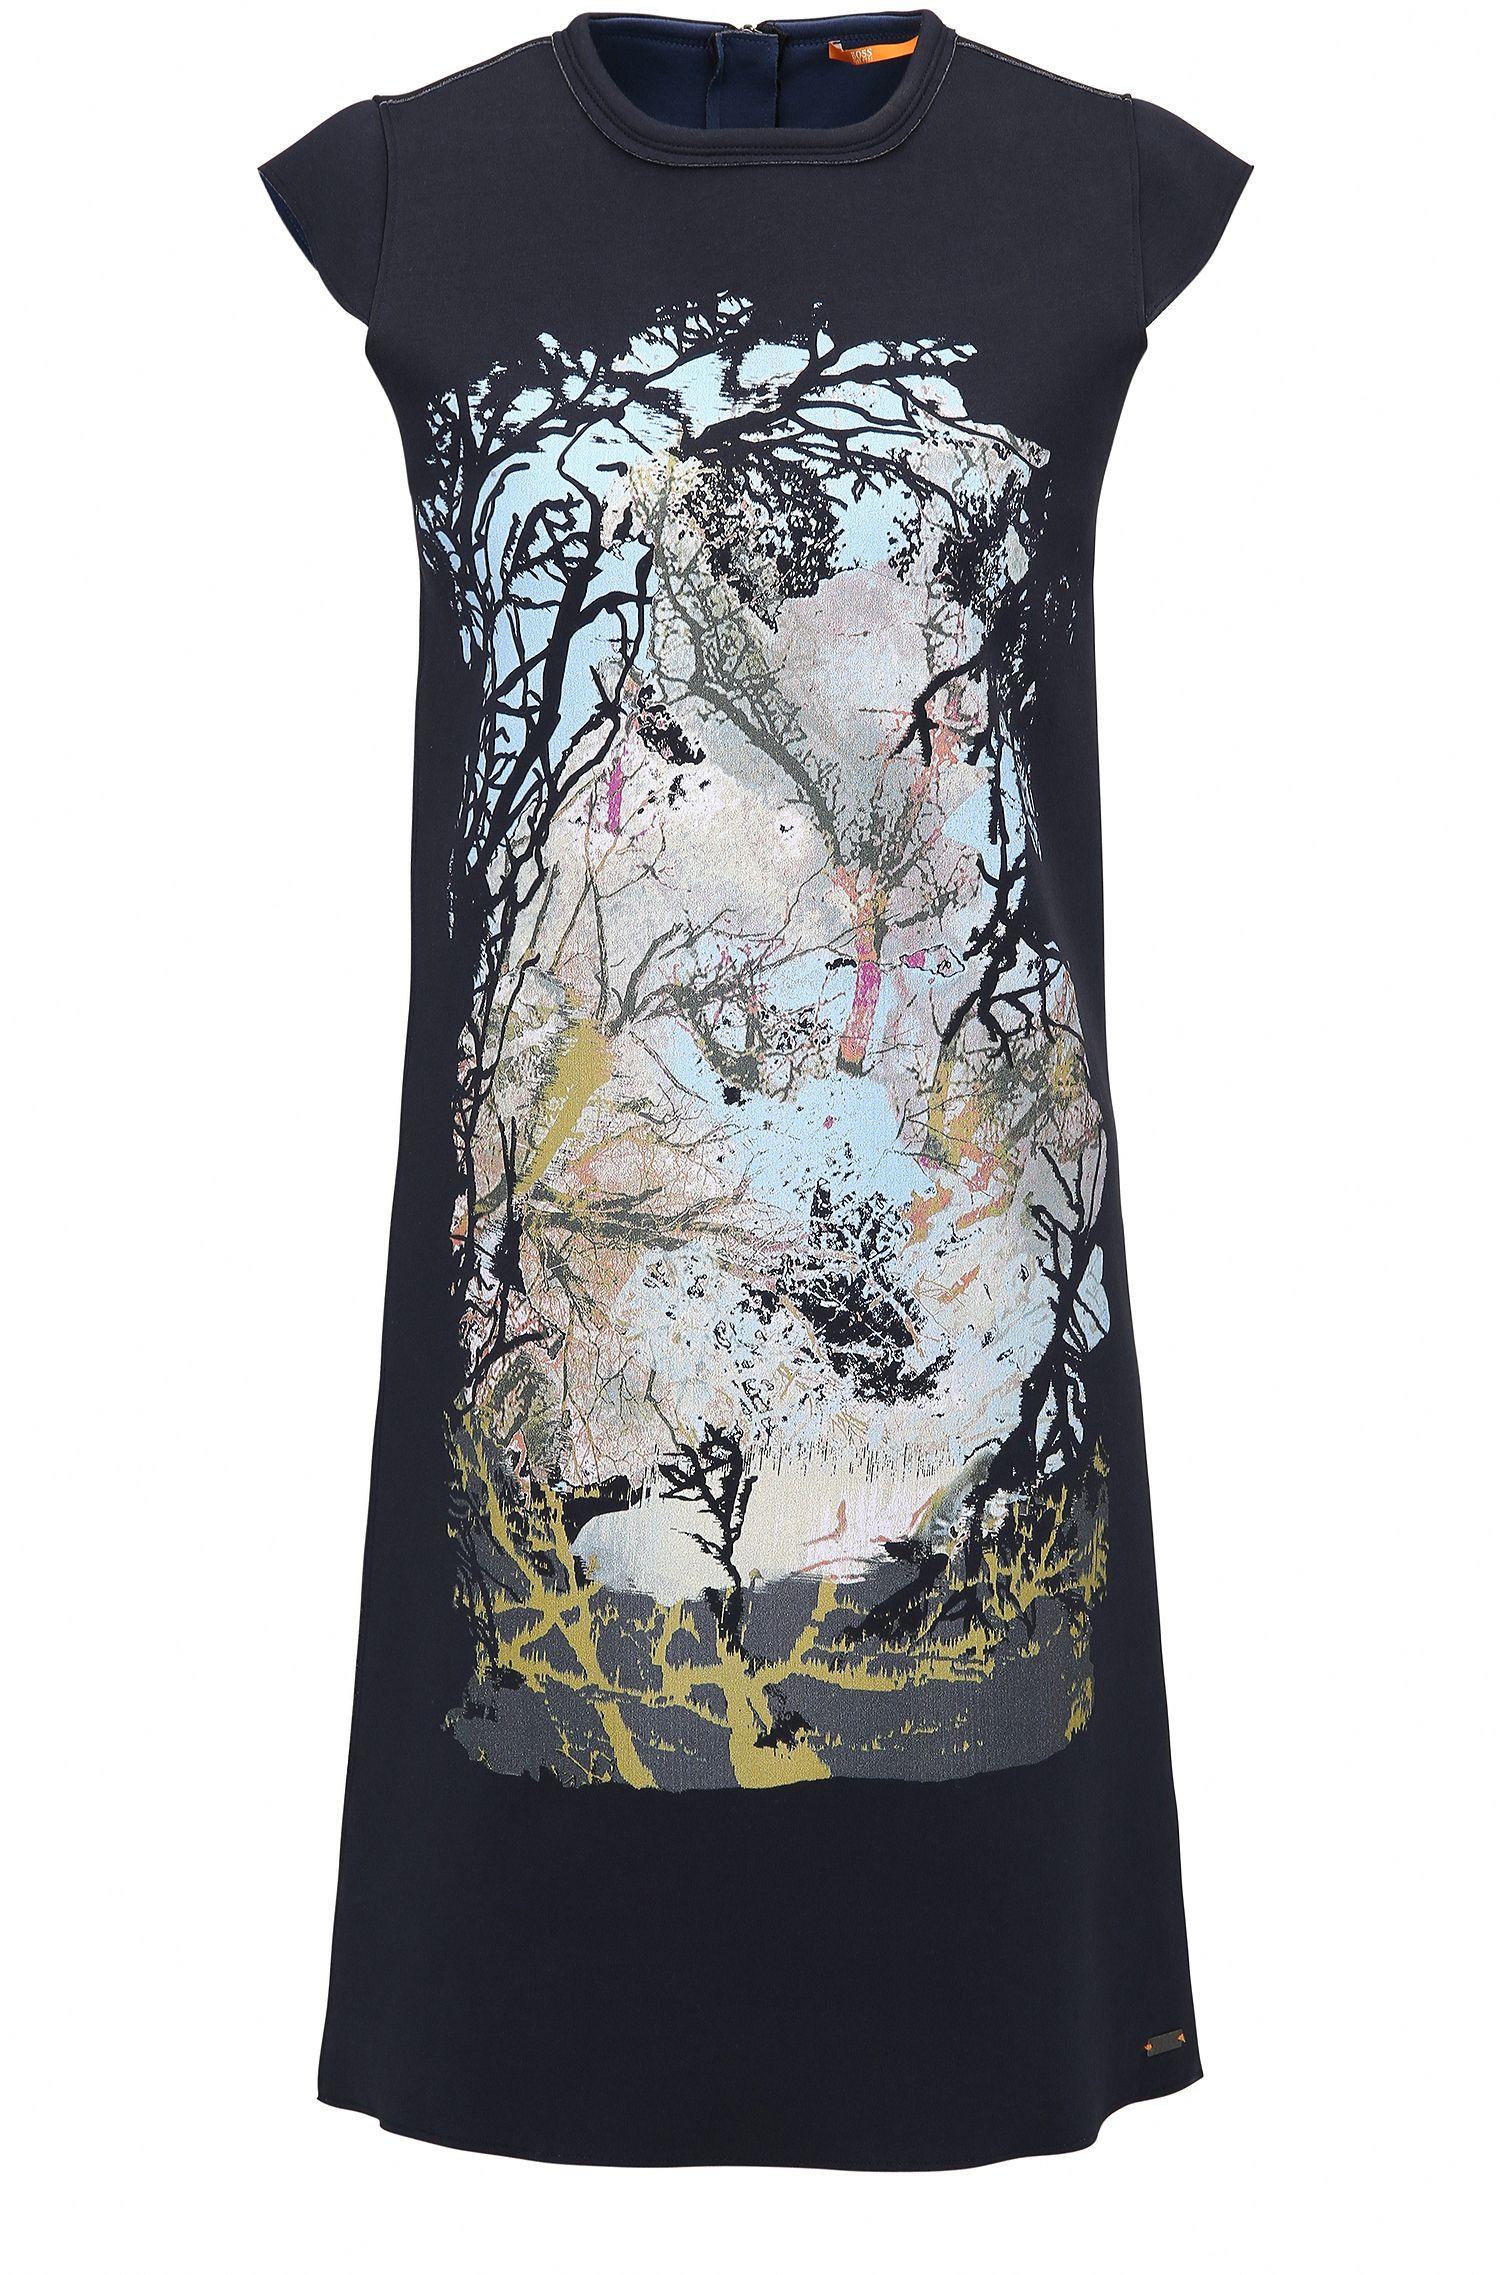 Jerseyjurk van gehechte katoen met op de natuur geïnspireerde print